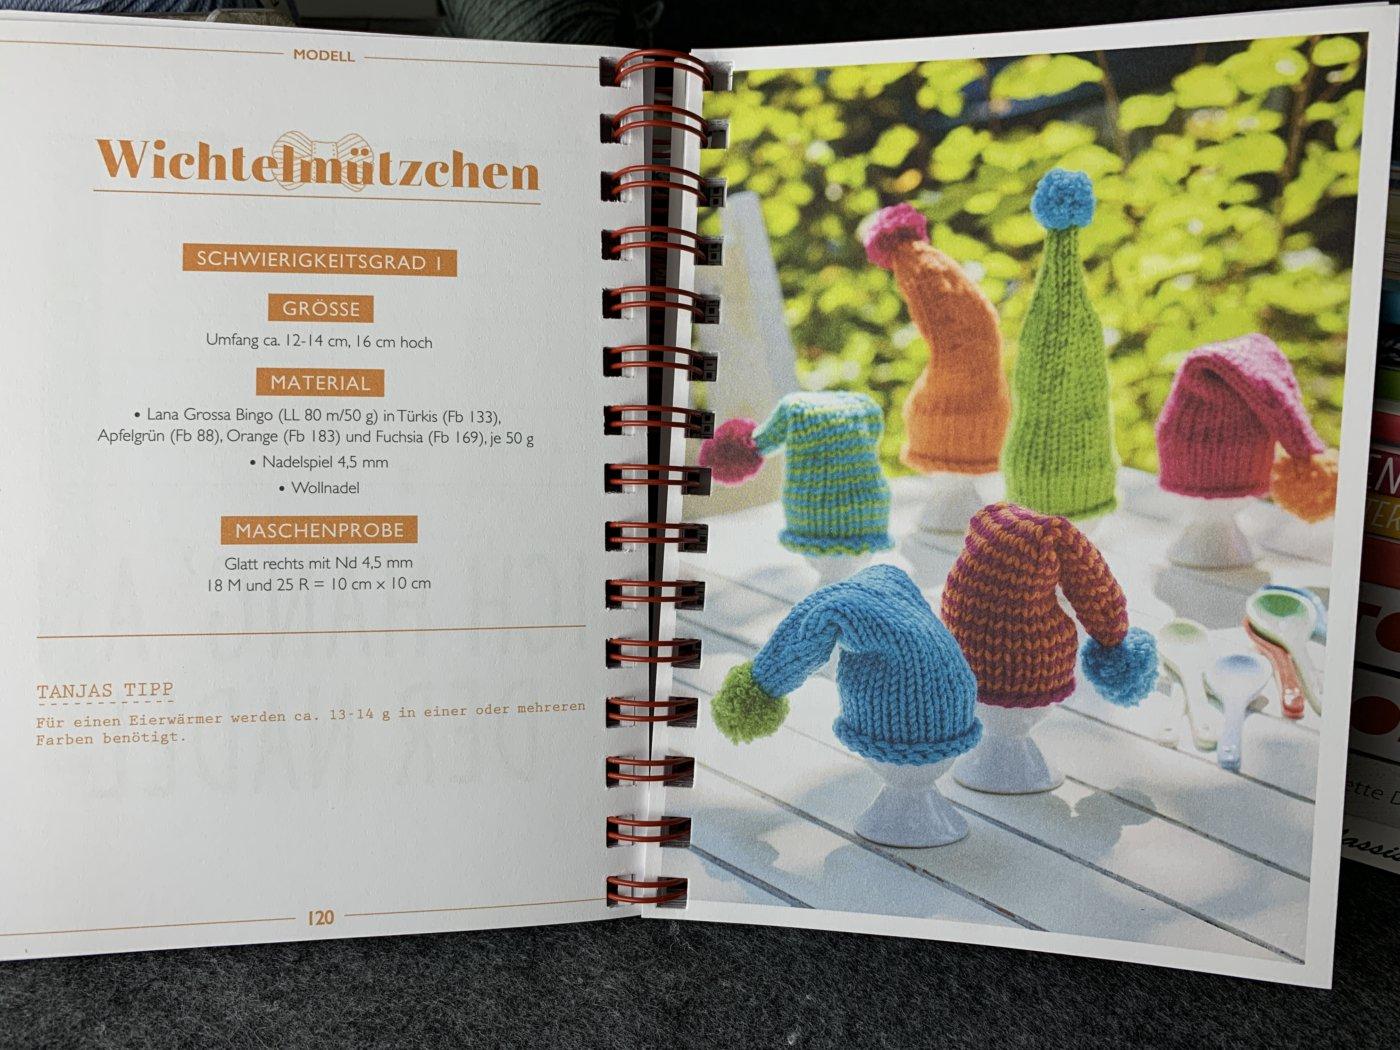 Mein ARD Buffet Strickbuch to go Wichtelmützchen